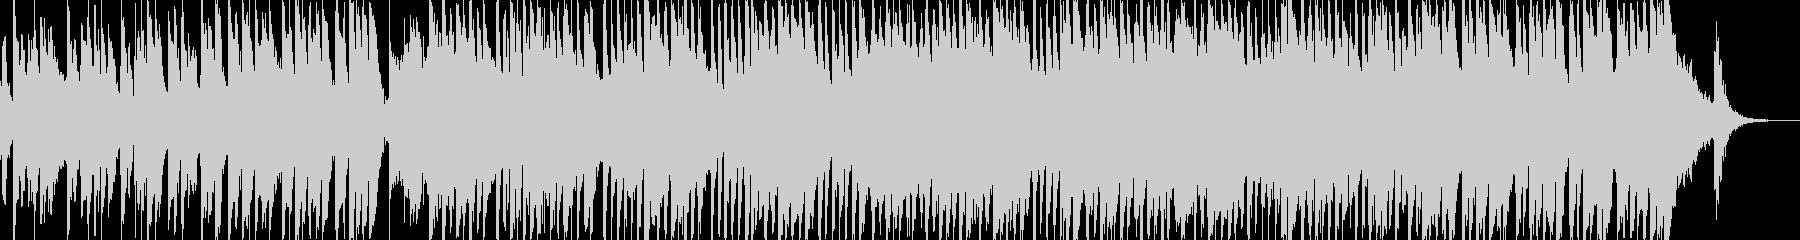 陽気なヴィンテージサーフロックの未再生の波形